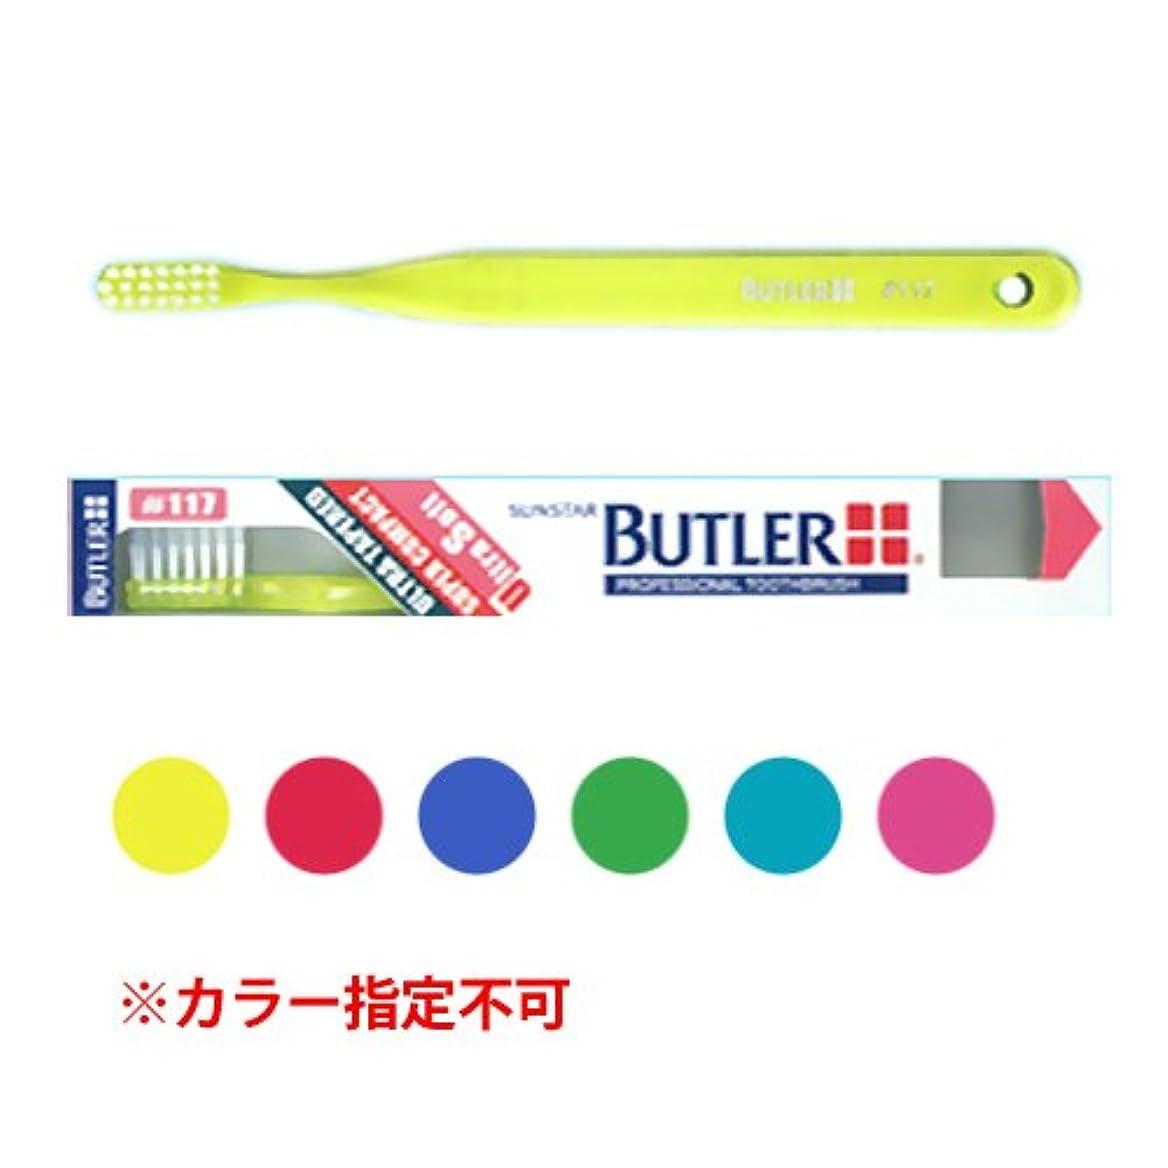 適応お嬢超高層ビルバトラー 歯ブラシ 1本 #117